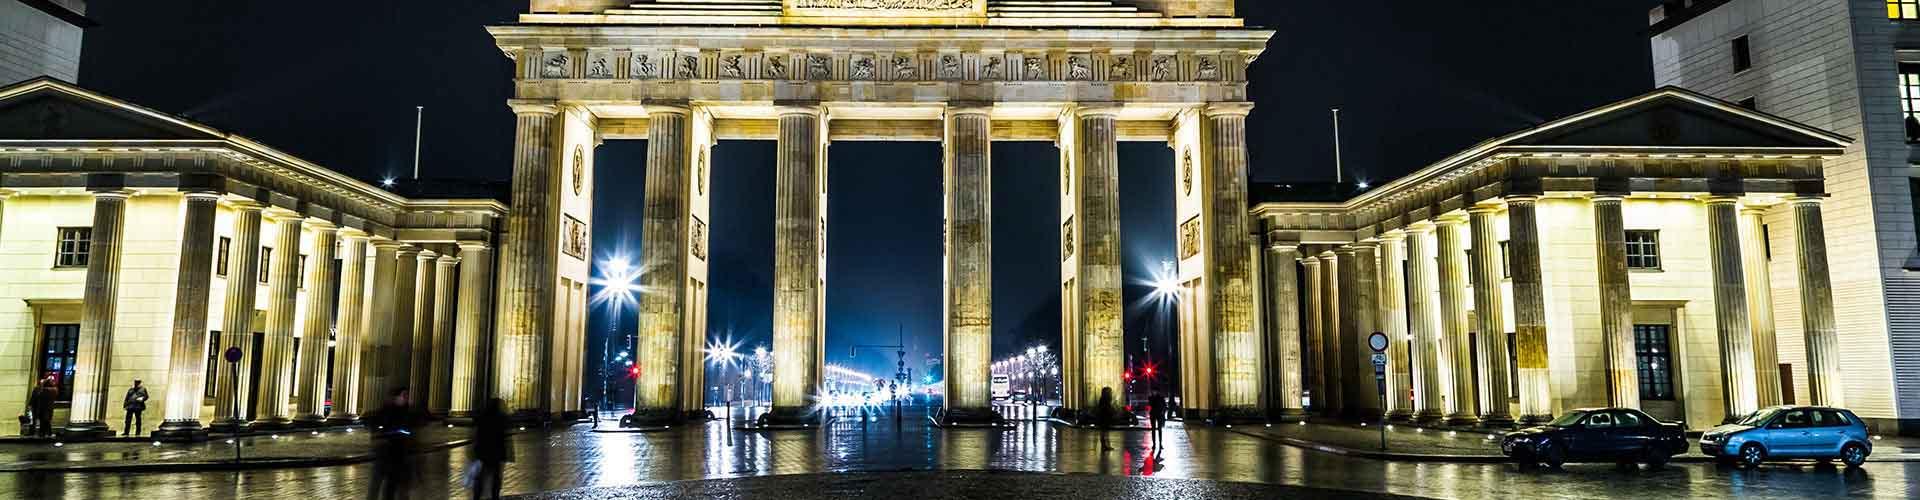 베를린 - 브란덴부르크 문에 가까운 호텔. 베를린의 지도, 베를린에 위치한 호텔에 대한 사진 및 리뷰.